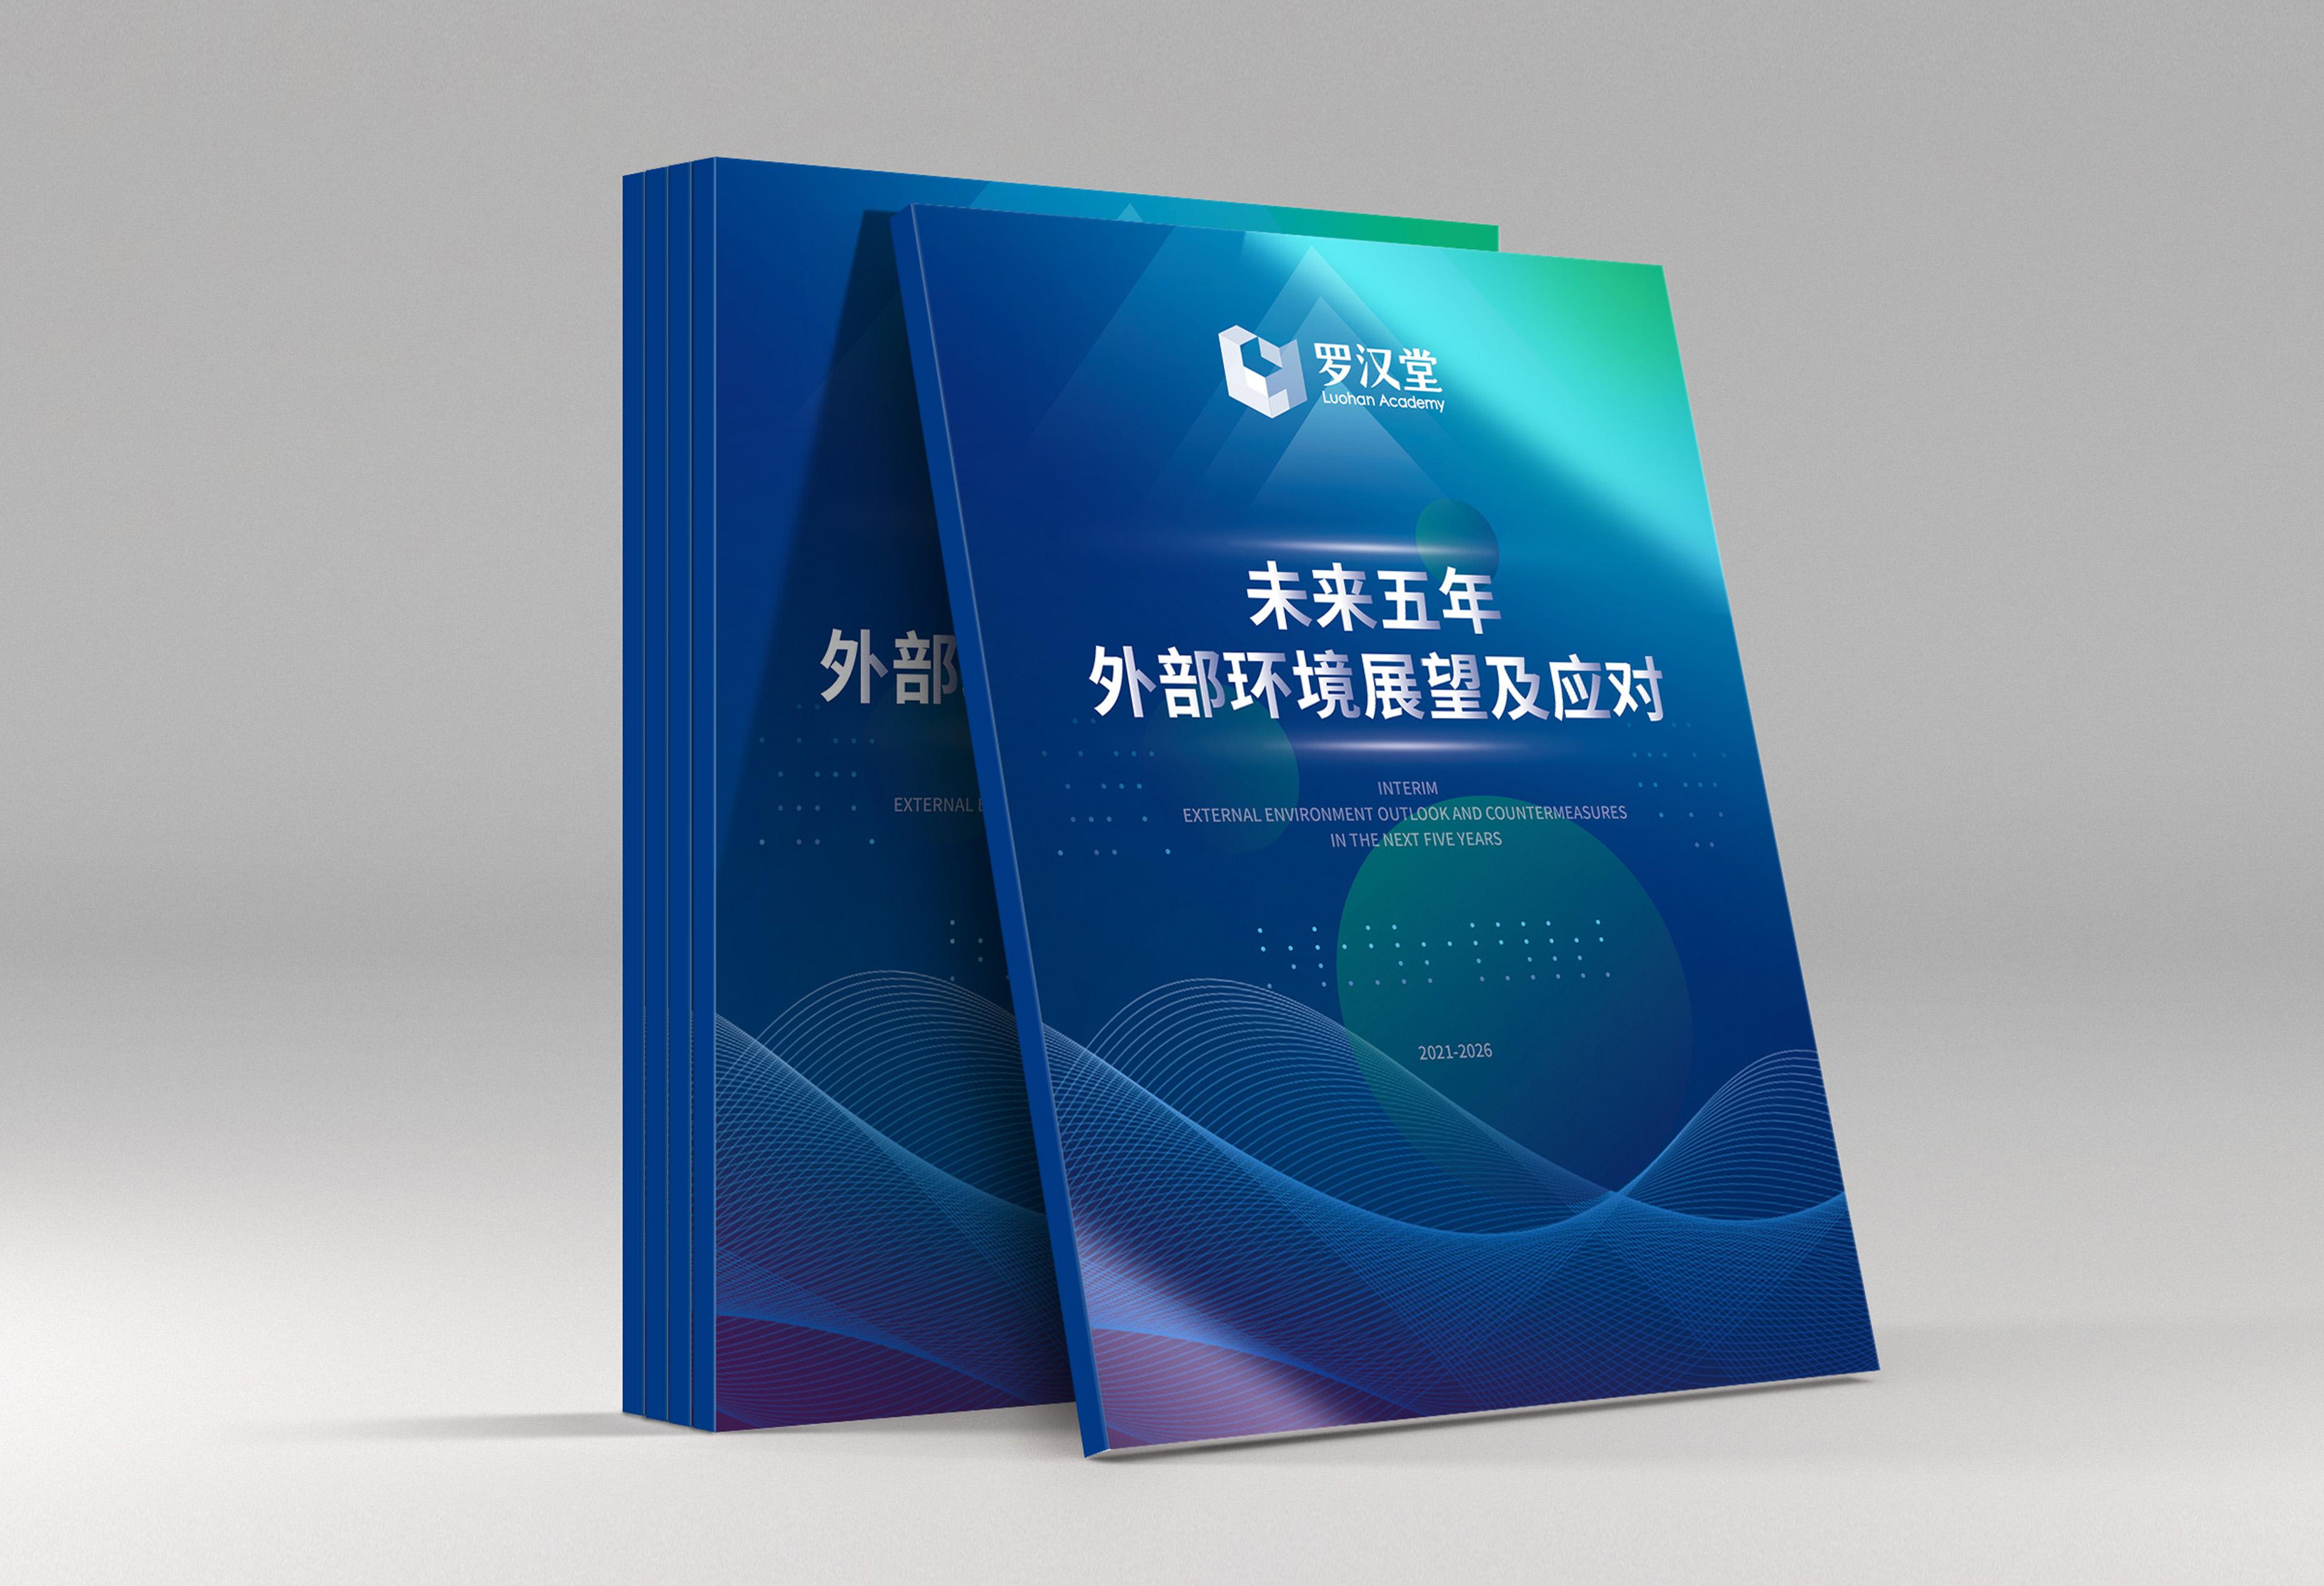 海报设计品牌宣传册三折页线上活动海报会议手册PPT宣传页面